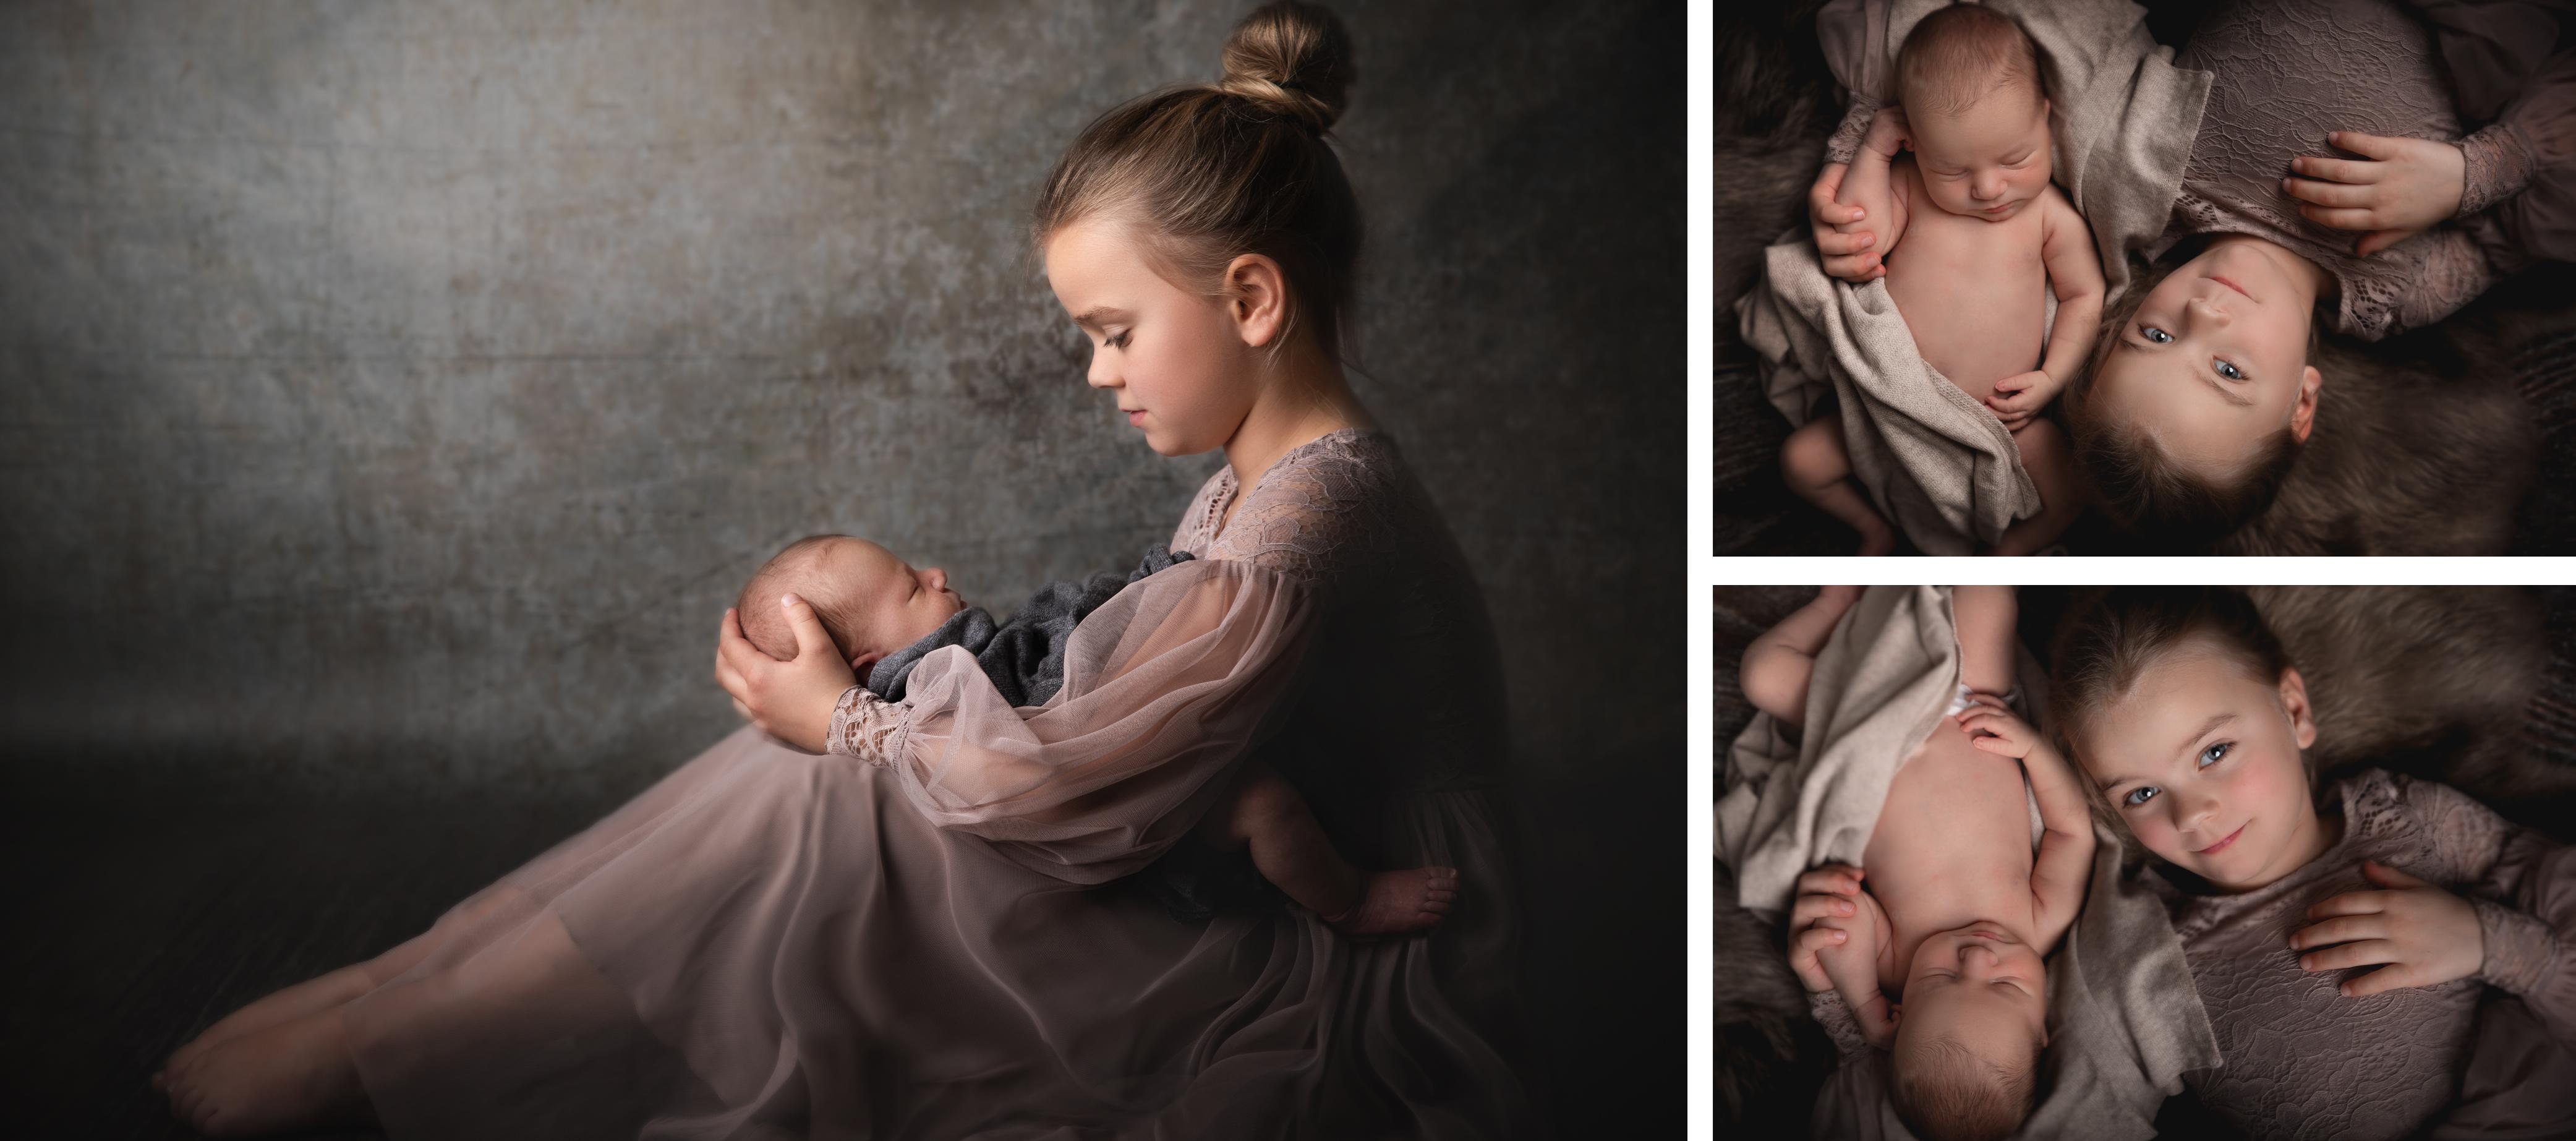 Newbornfoto mit grosser Schwester